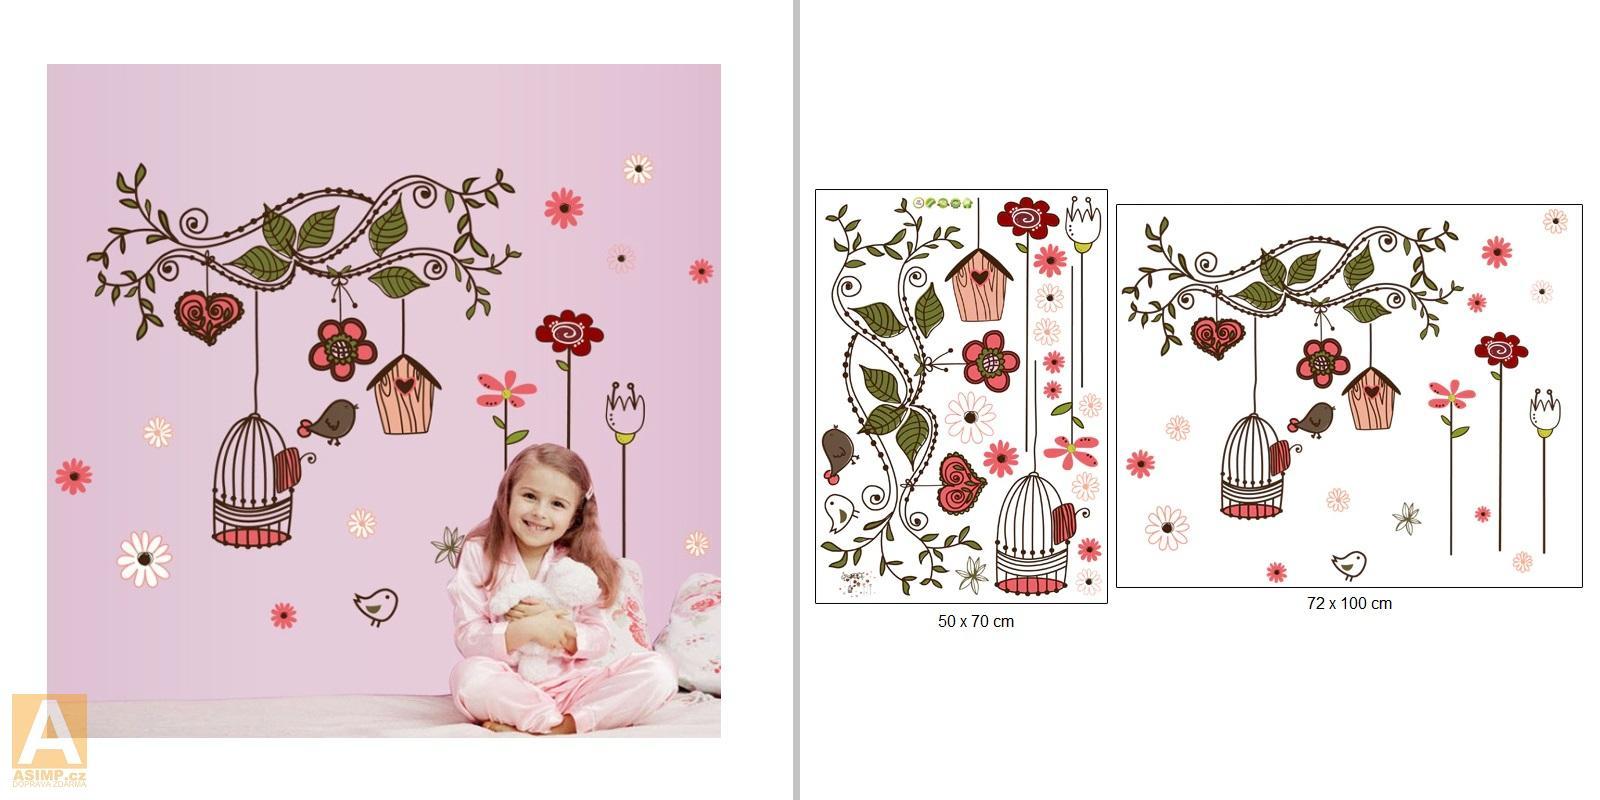 Dekorativní samolepka na zeď - Květiny, ptáček, klec / A-000996